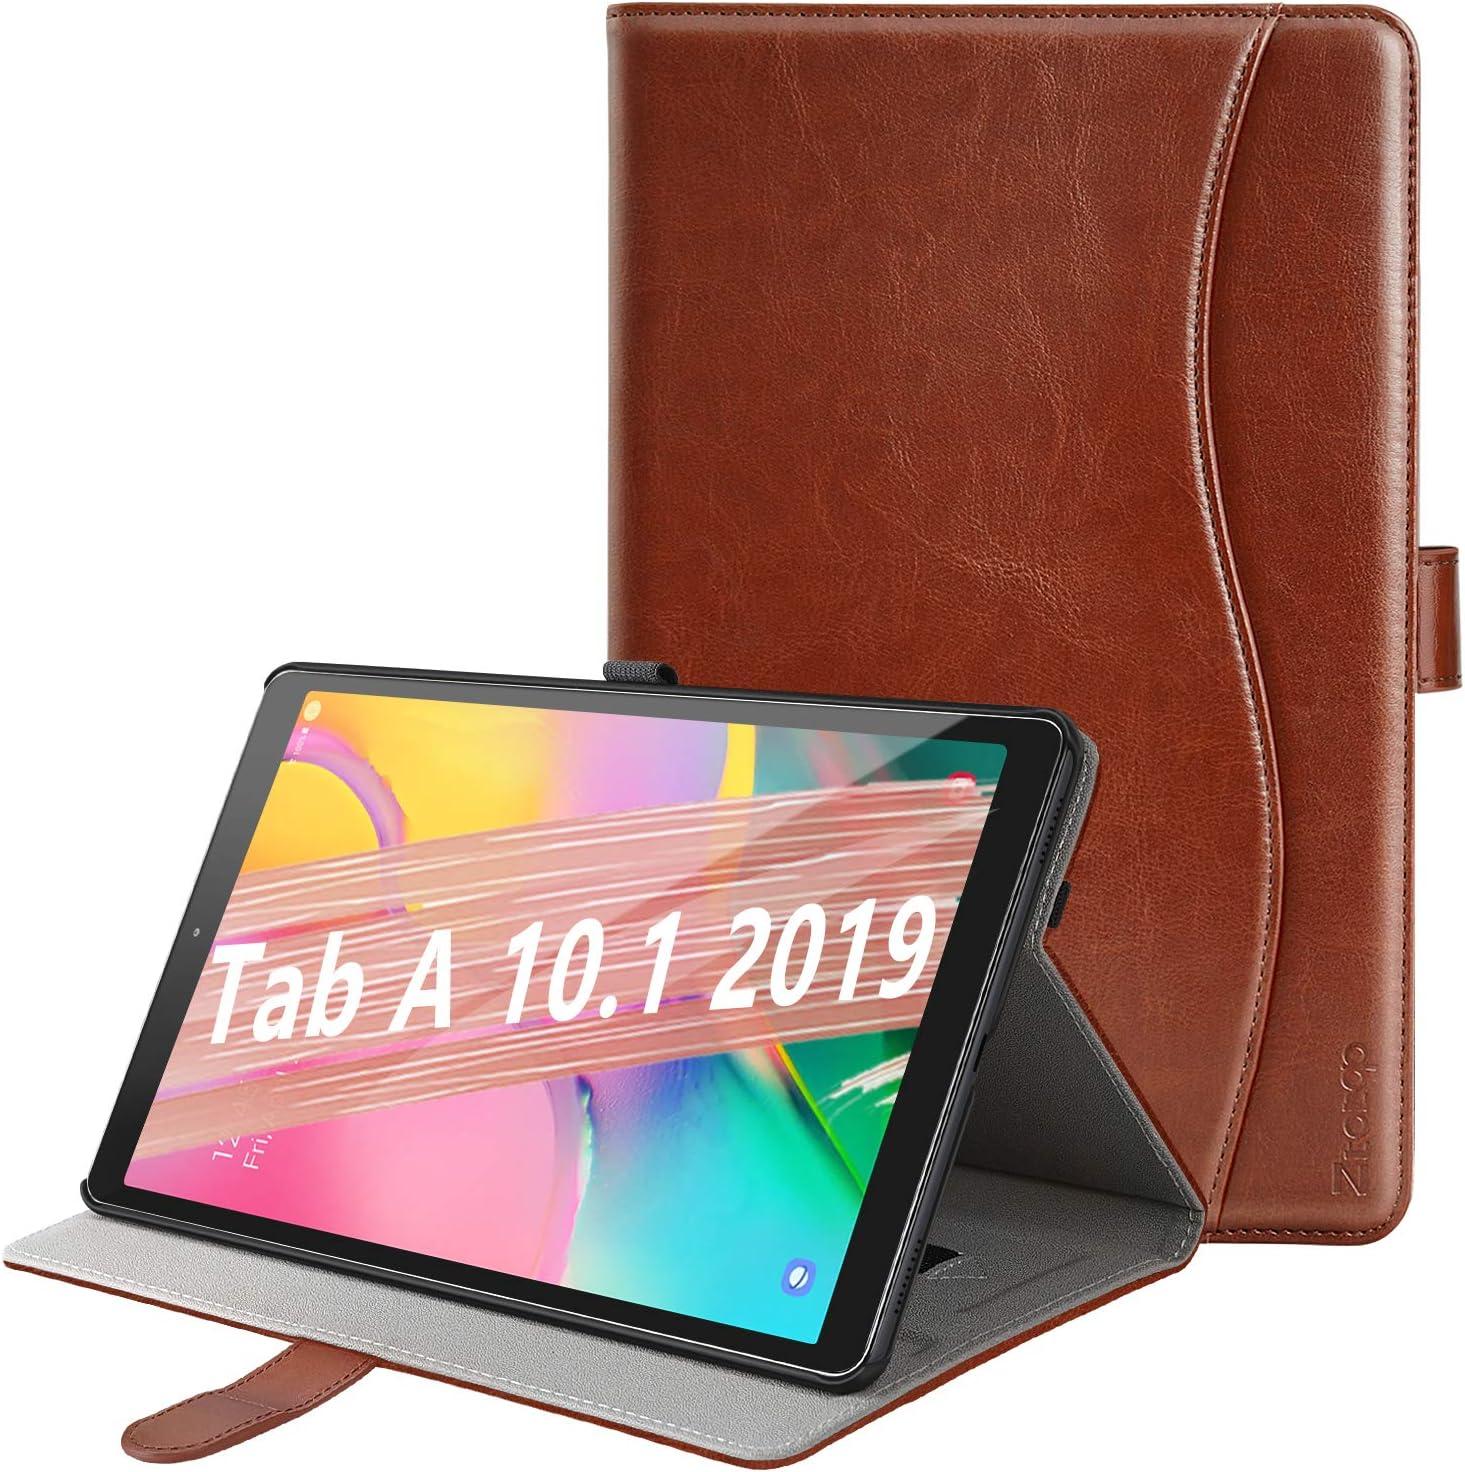 ZtotopCase Funda para Samsung Galaxy Tab A 10.1 2019, Cuero ...